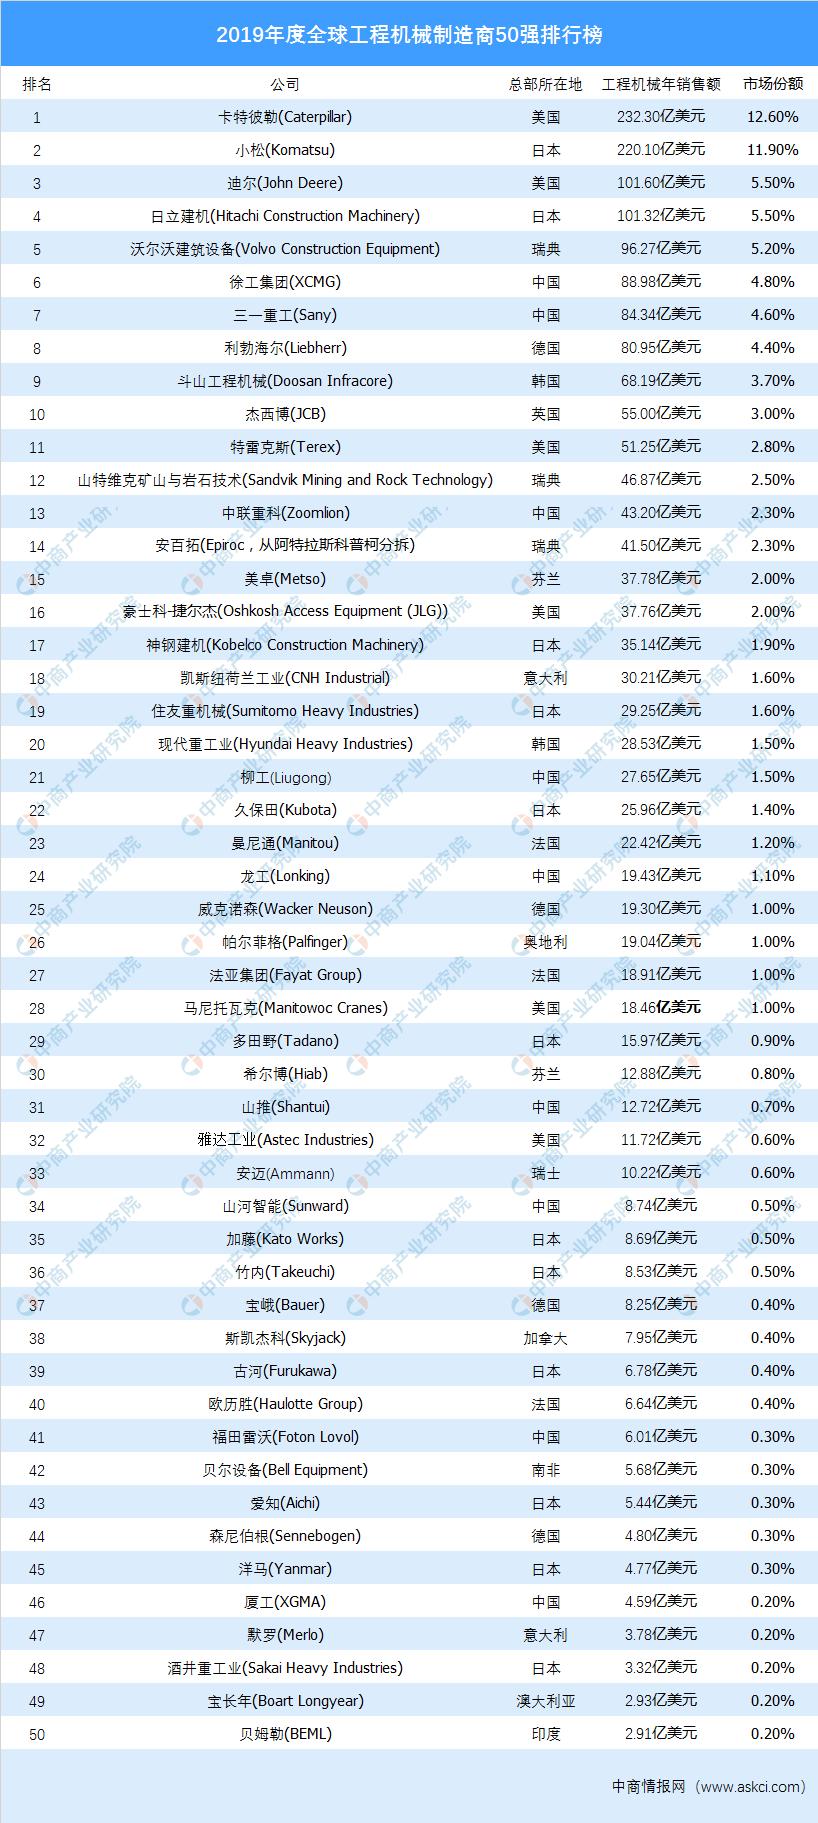 2019国民总收入排行榜_2014年世界各国人均收入排行榜